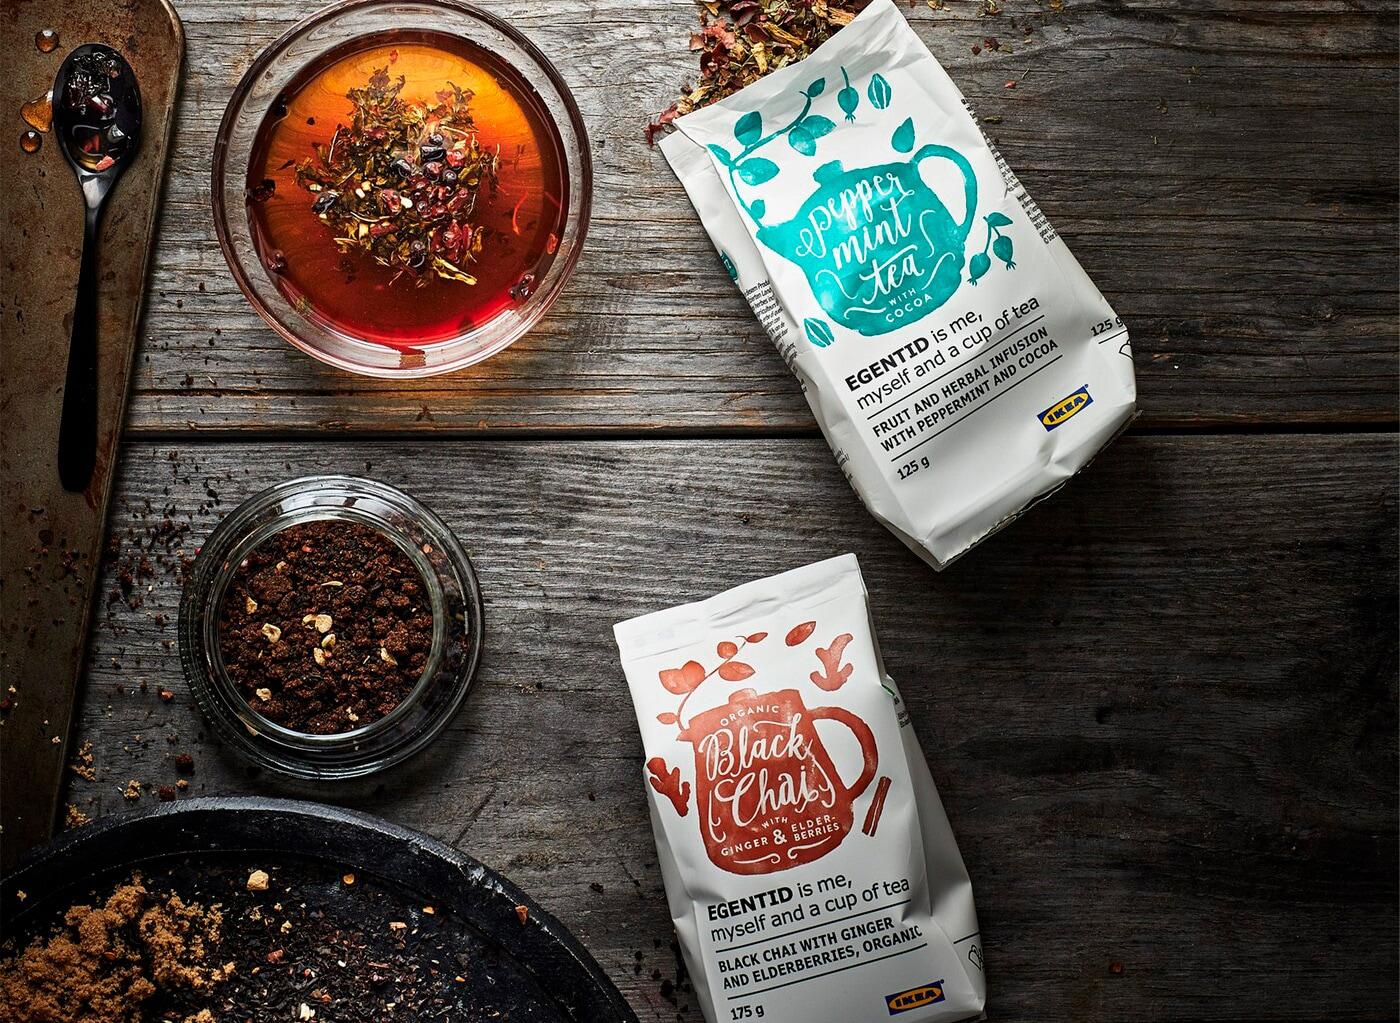 Scegliendo i nostri tè, caffè e prodotti a base di cacao certificati UTZ, contribuisci a un'agricoltura sostenibile – IKEA